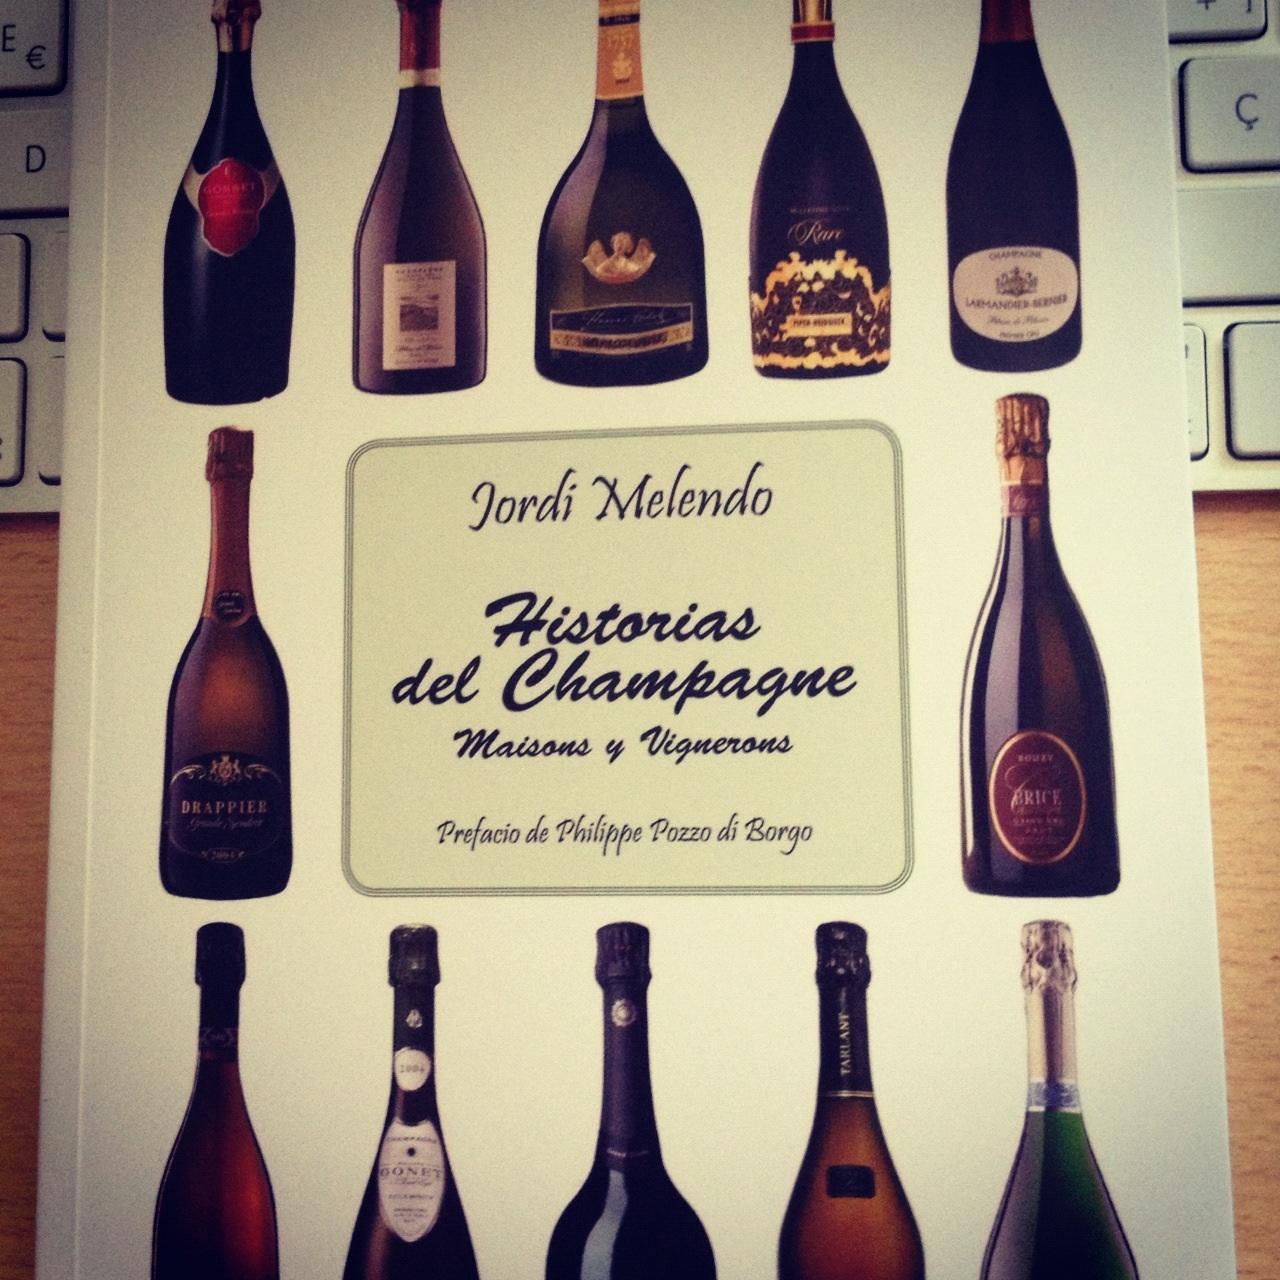 Jordi melendo champagne libro